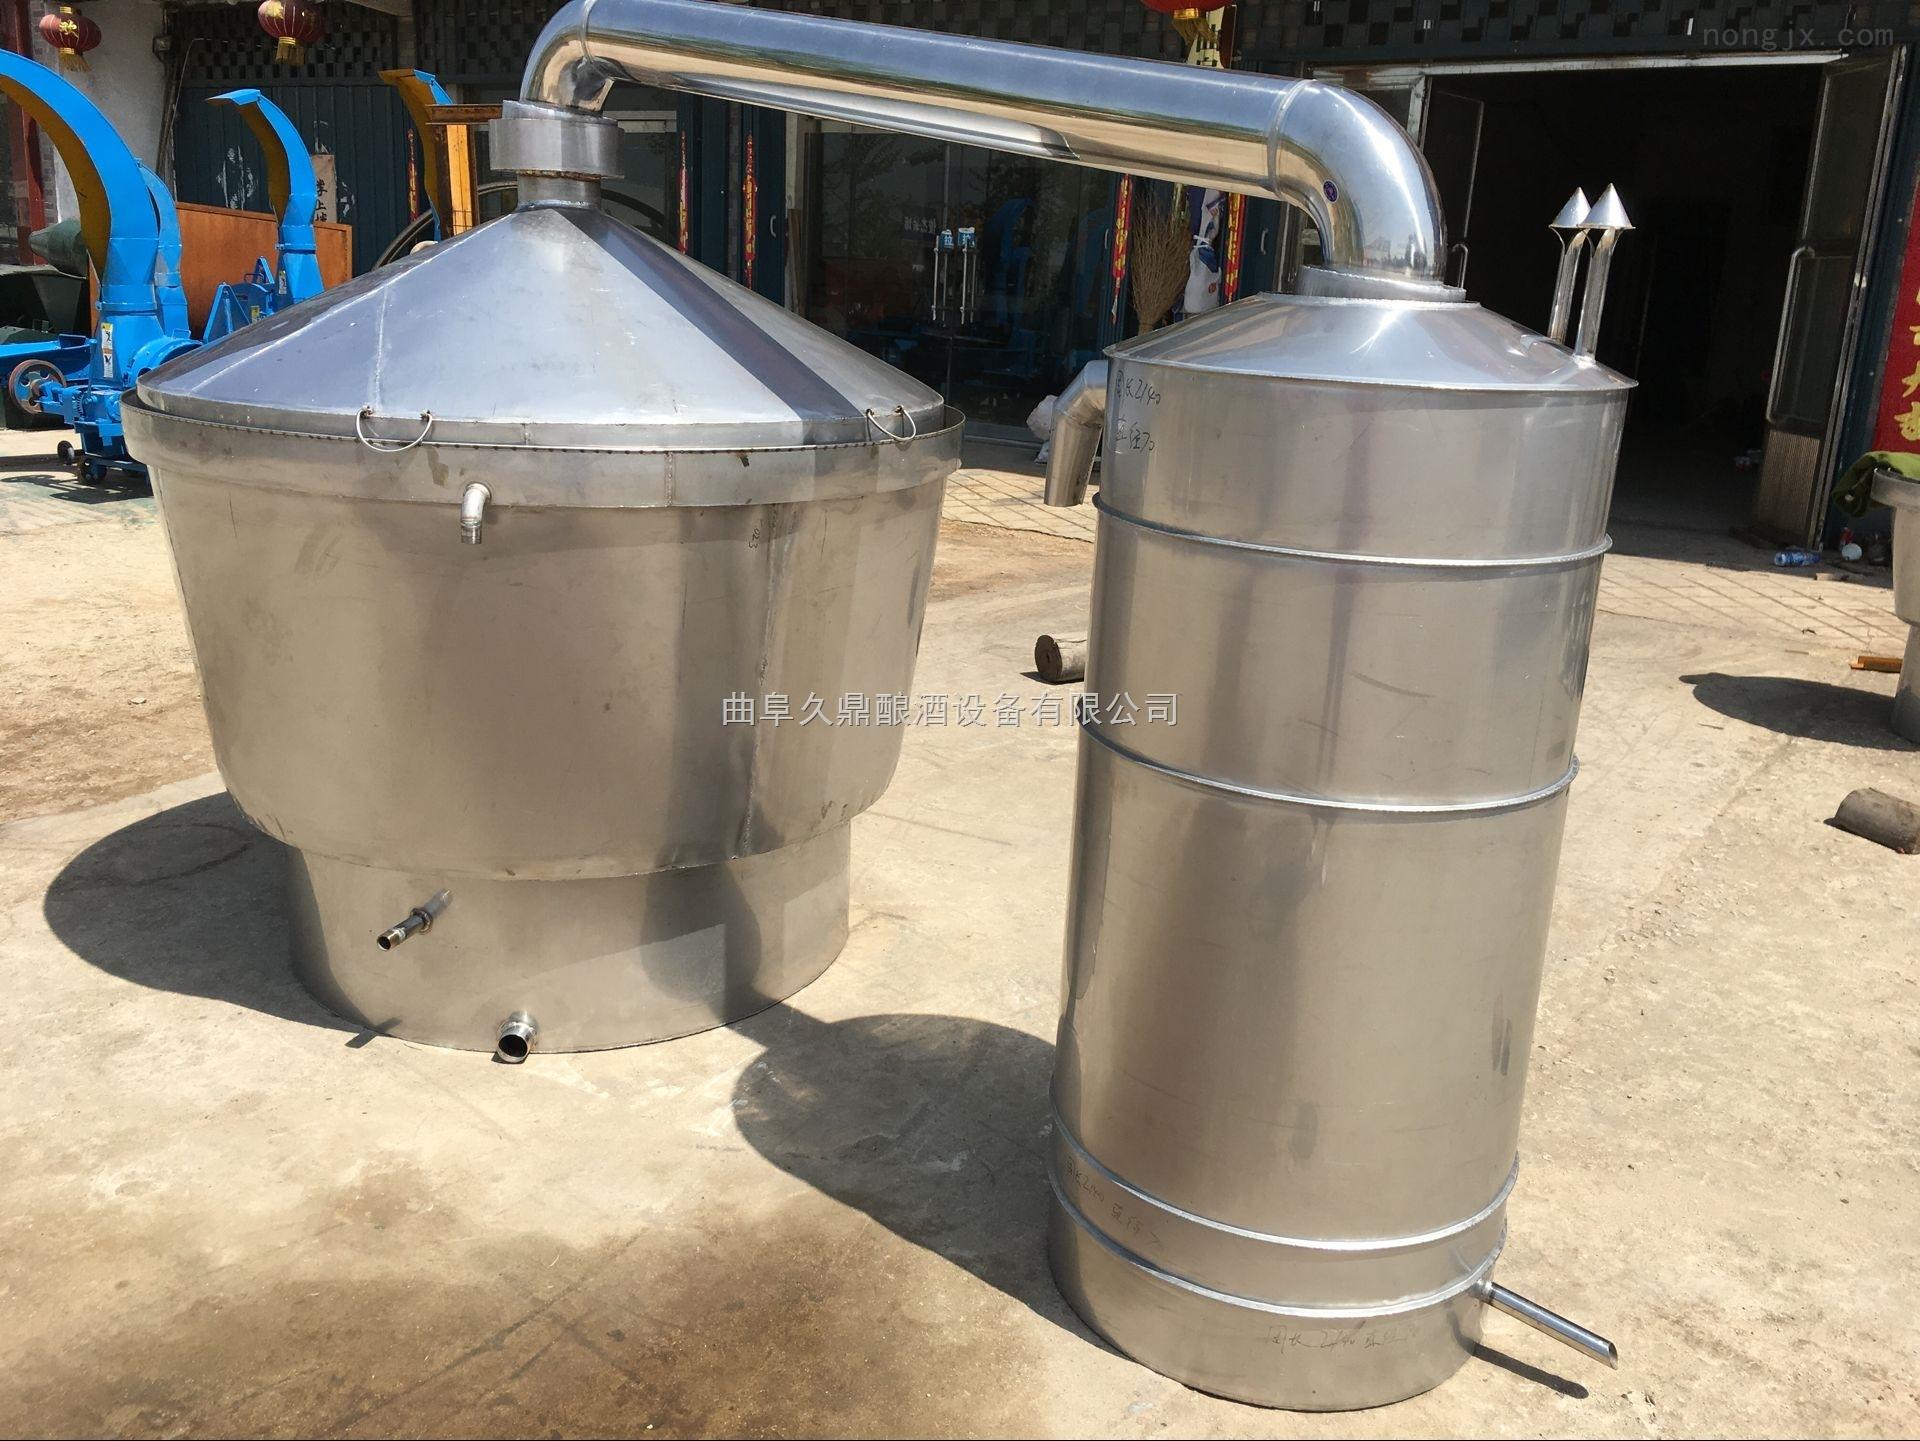 十堰市家用酿酒机 自制白酒机蒸酒器 酿酒设备 白酒蒸馏设备